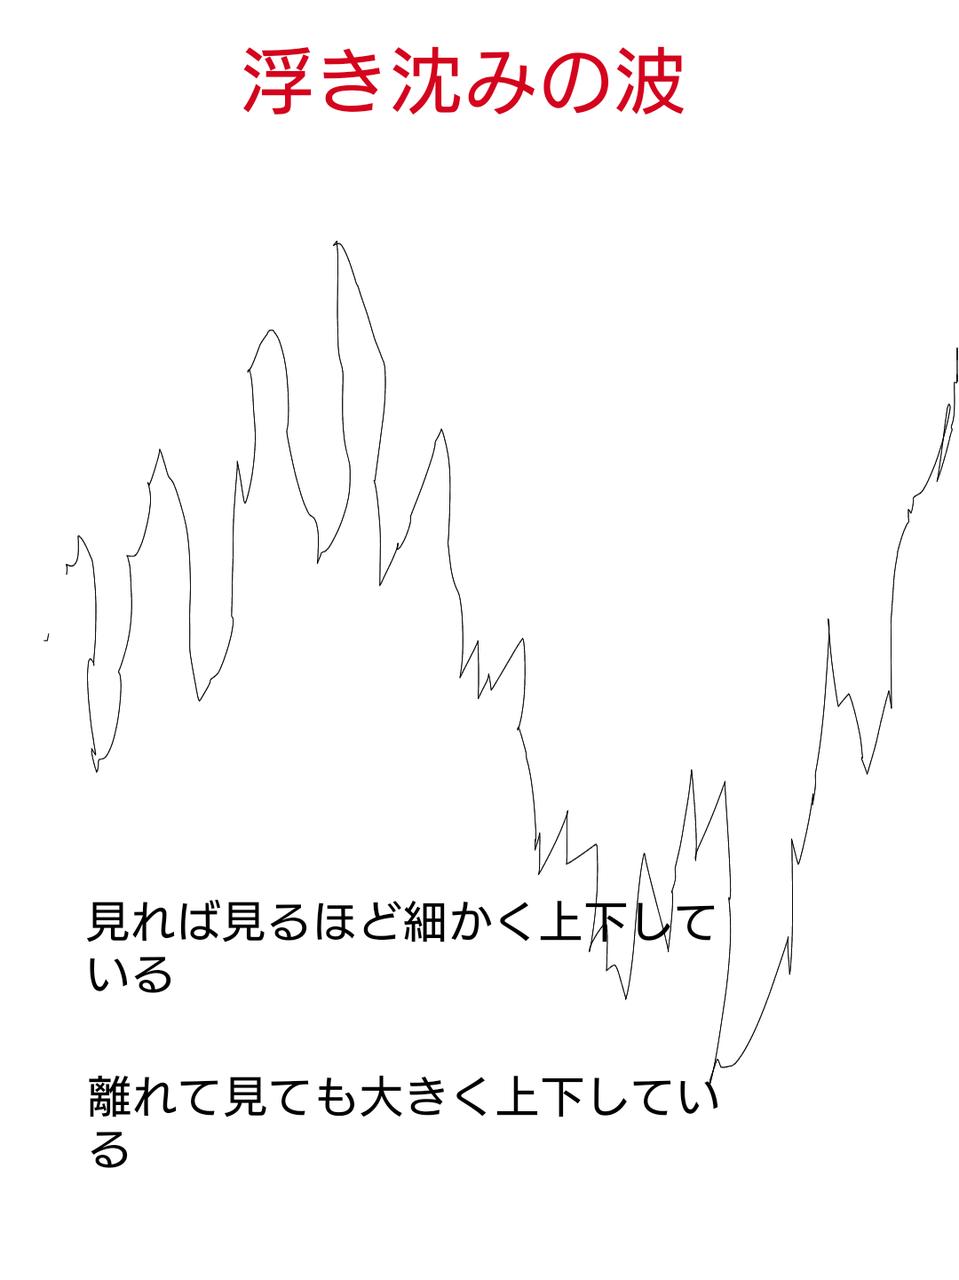 sketch-1593466921597